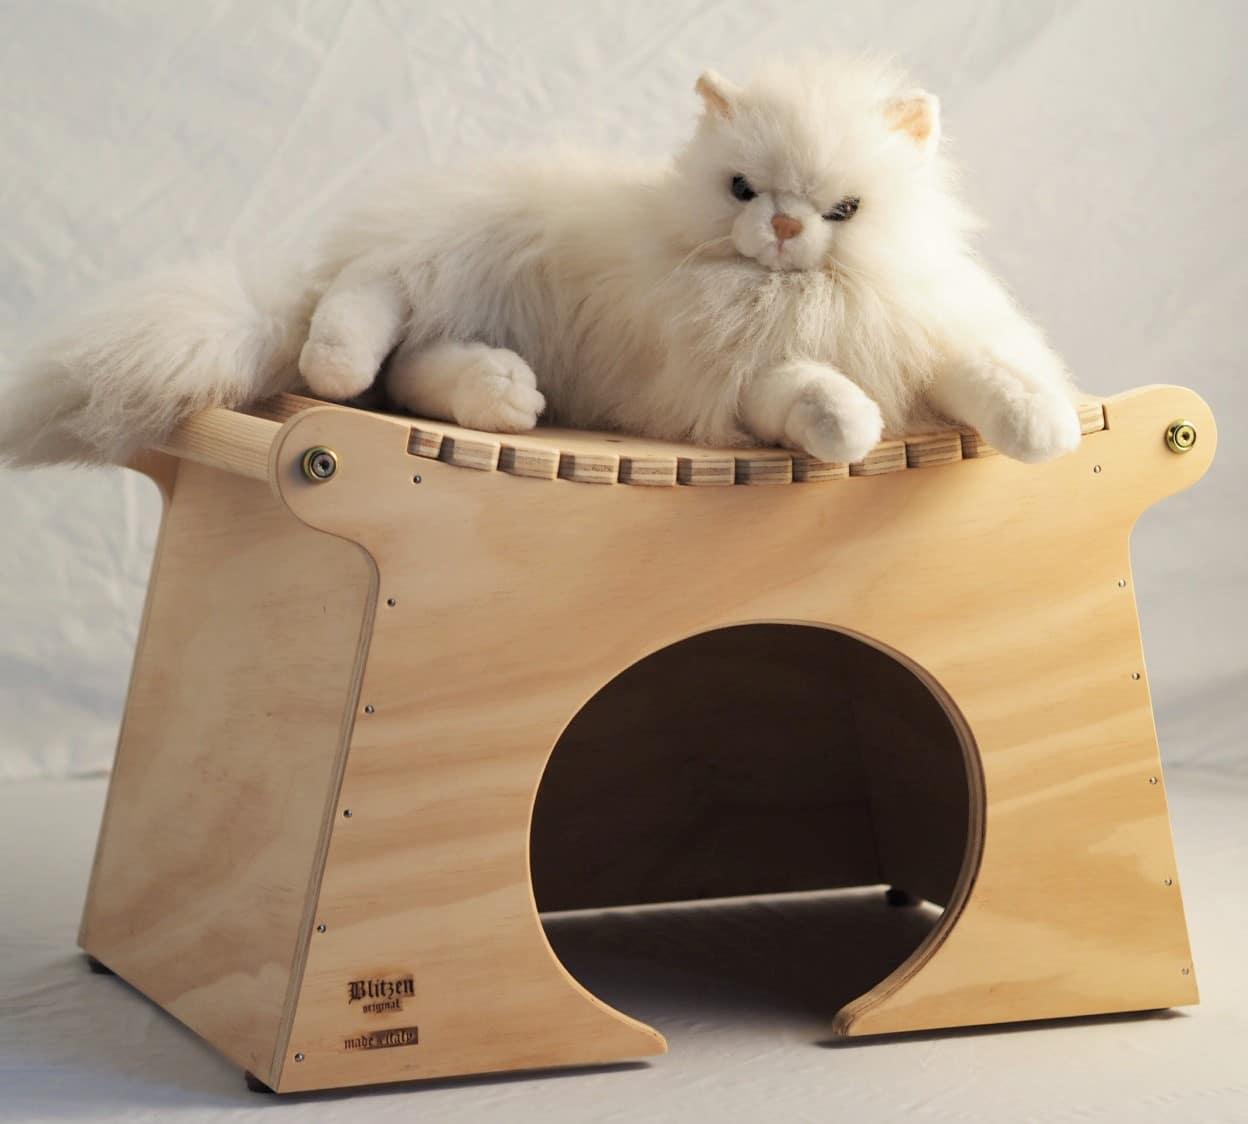 Cuccia per gatti da interno ed esterno in legno - Cuccia per gatti ikea ...